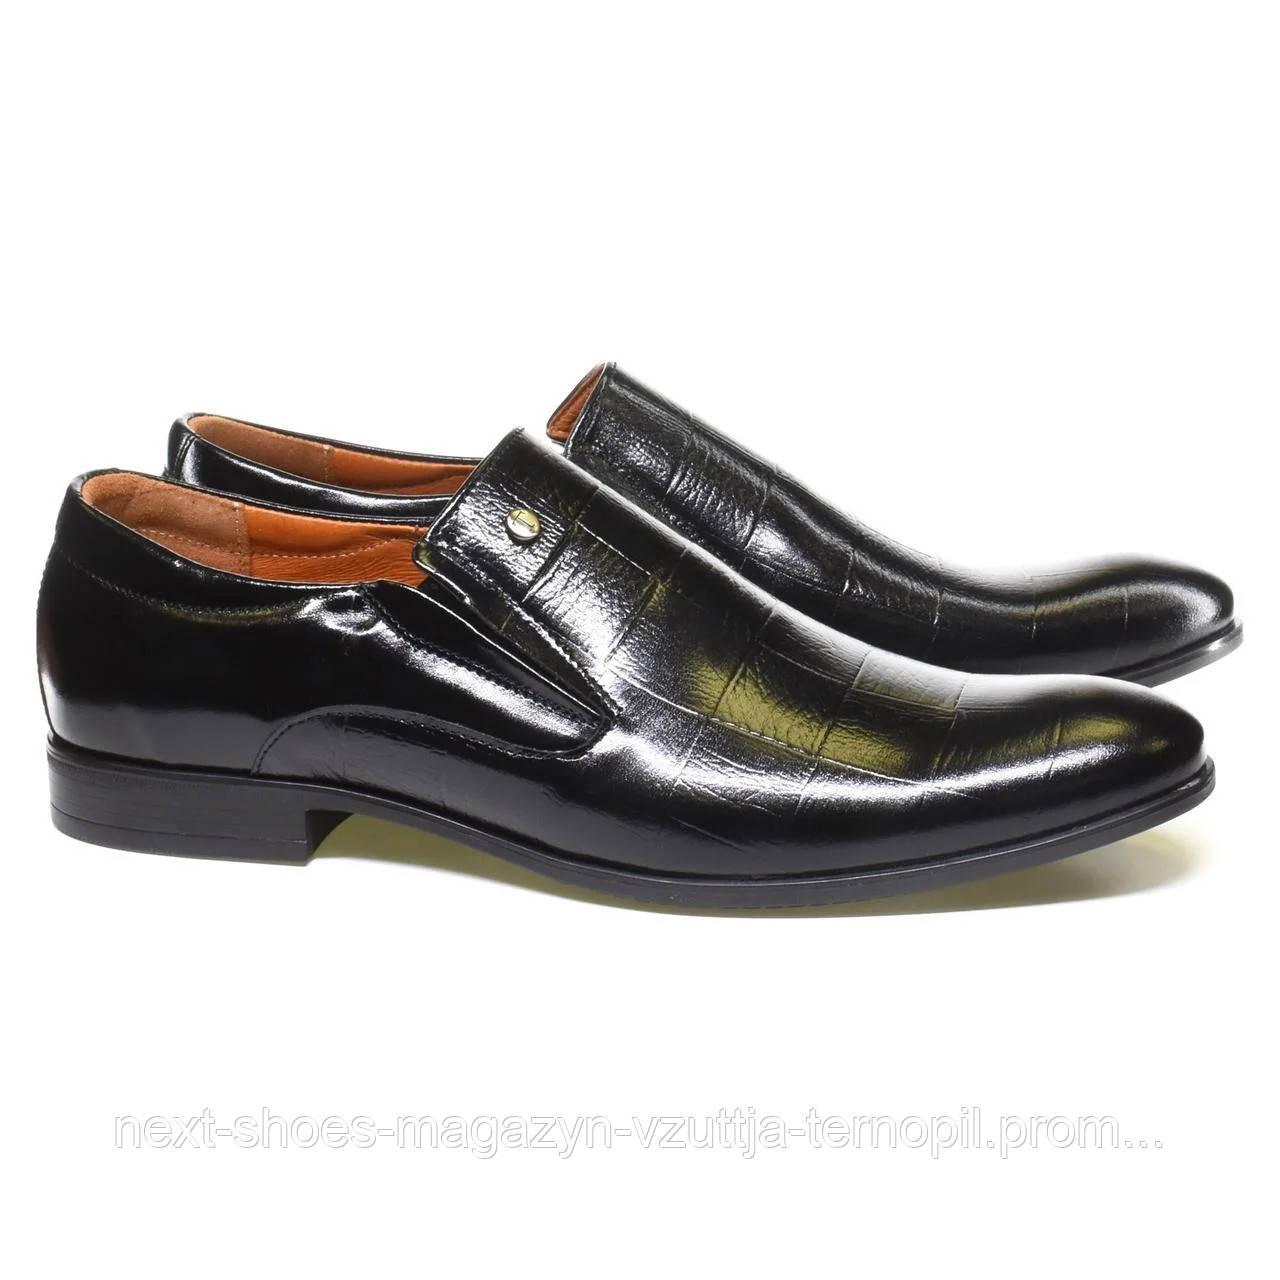 Чоловічі туфлі TAPI (Польща) чорного кольору. Ідеально підходять під класичний костюм. код: 34739